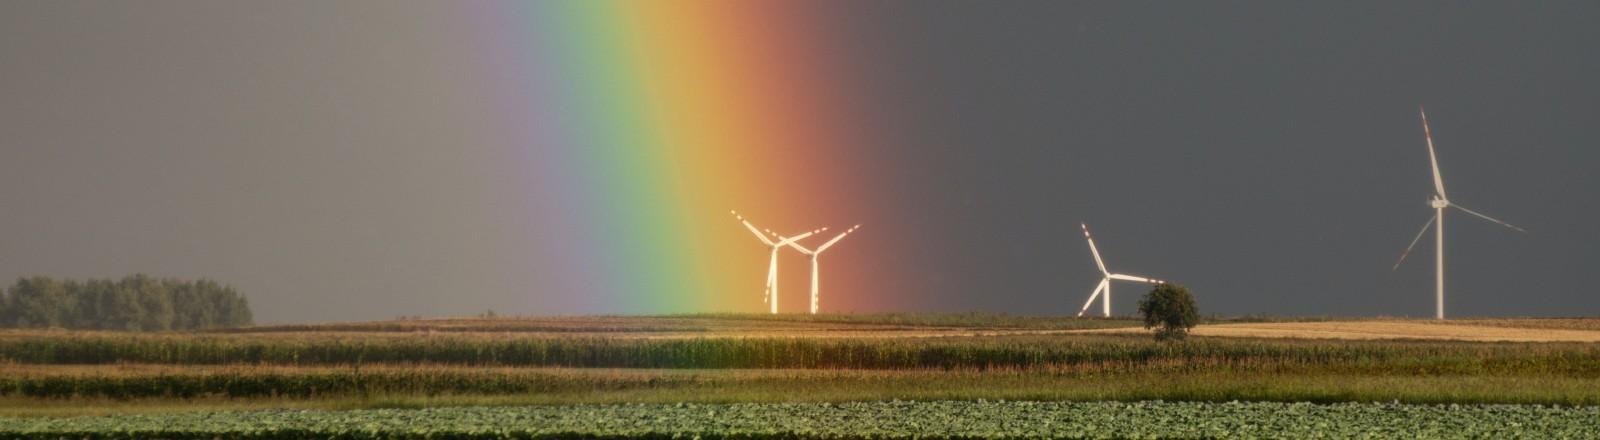 Ein Regenbogen auf einem Feld